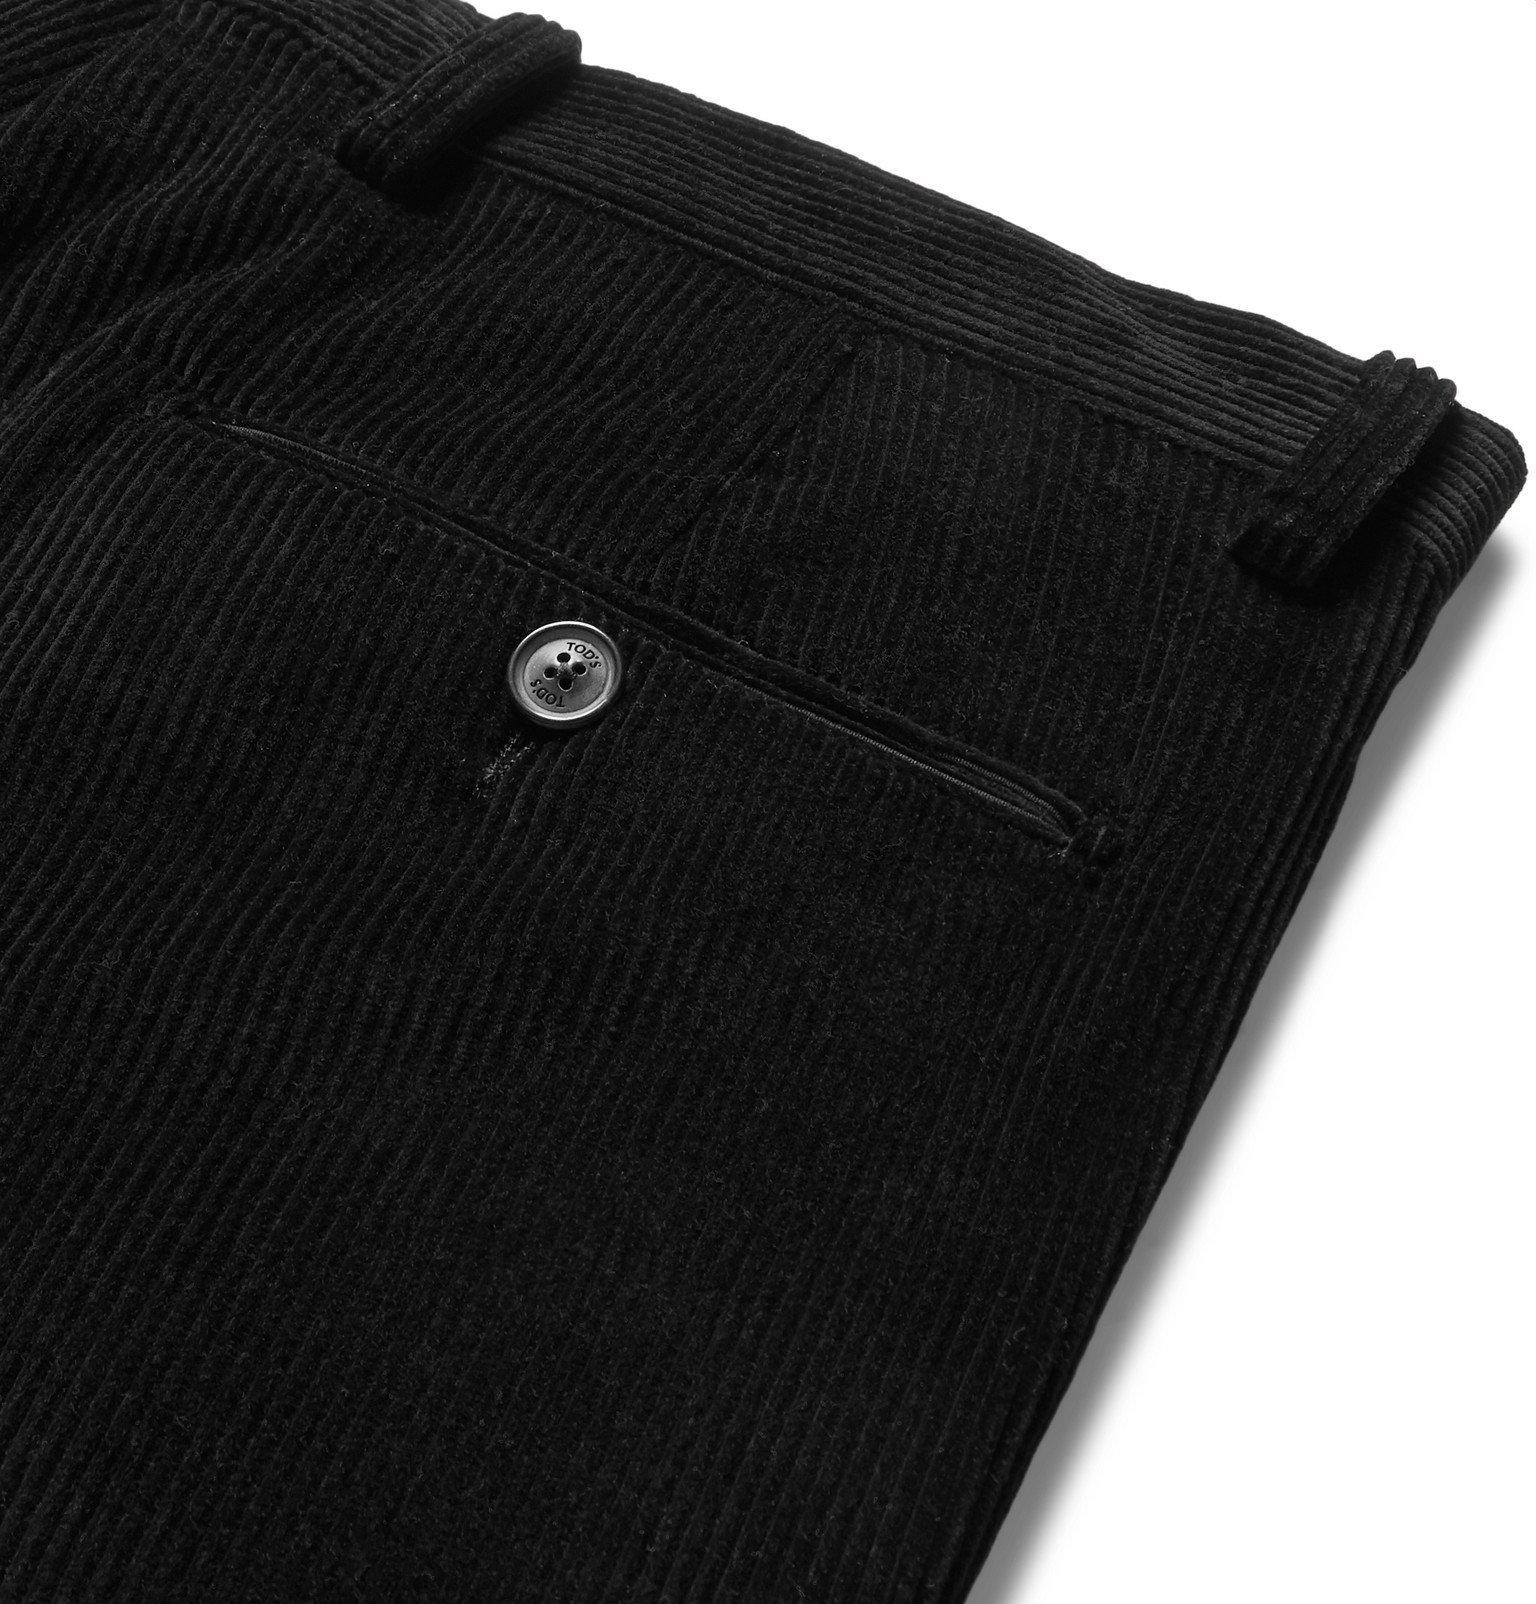 Tod's - Black Slim-Fit Cotton-Velvet Suit Trousers - Black